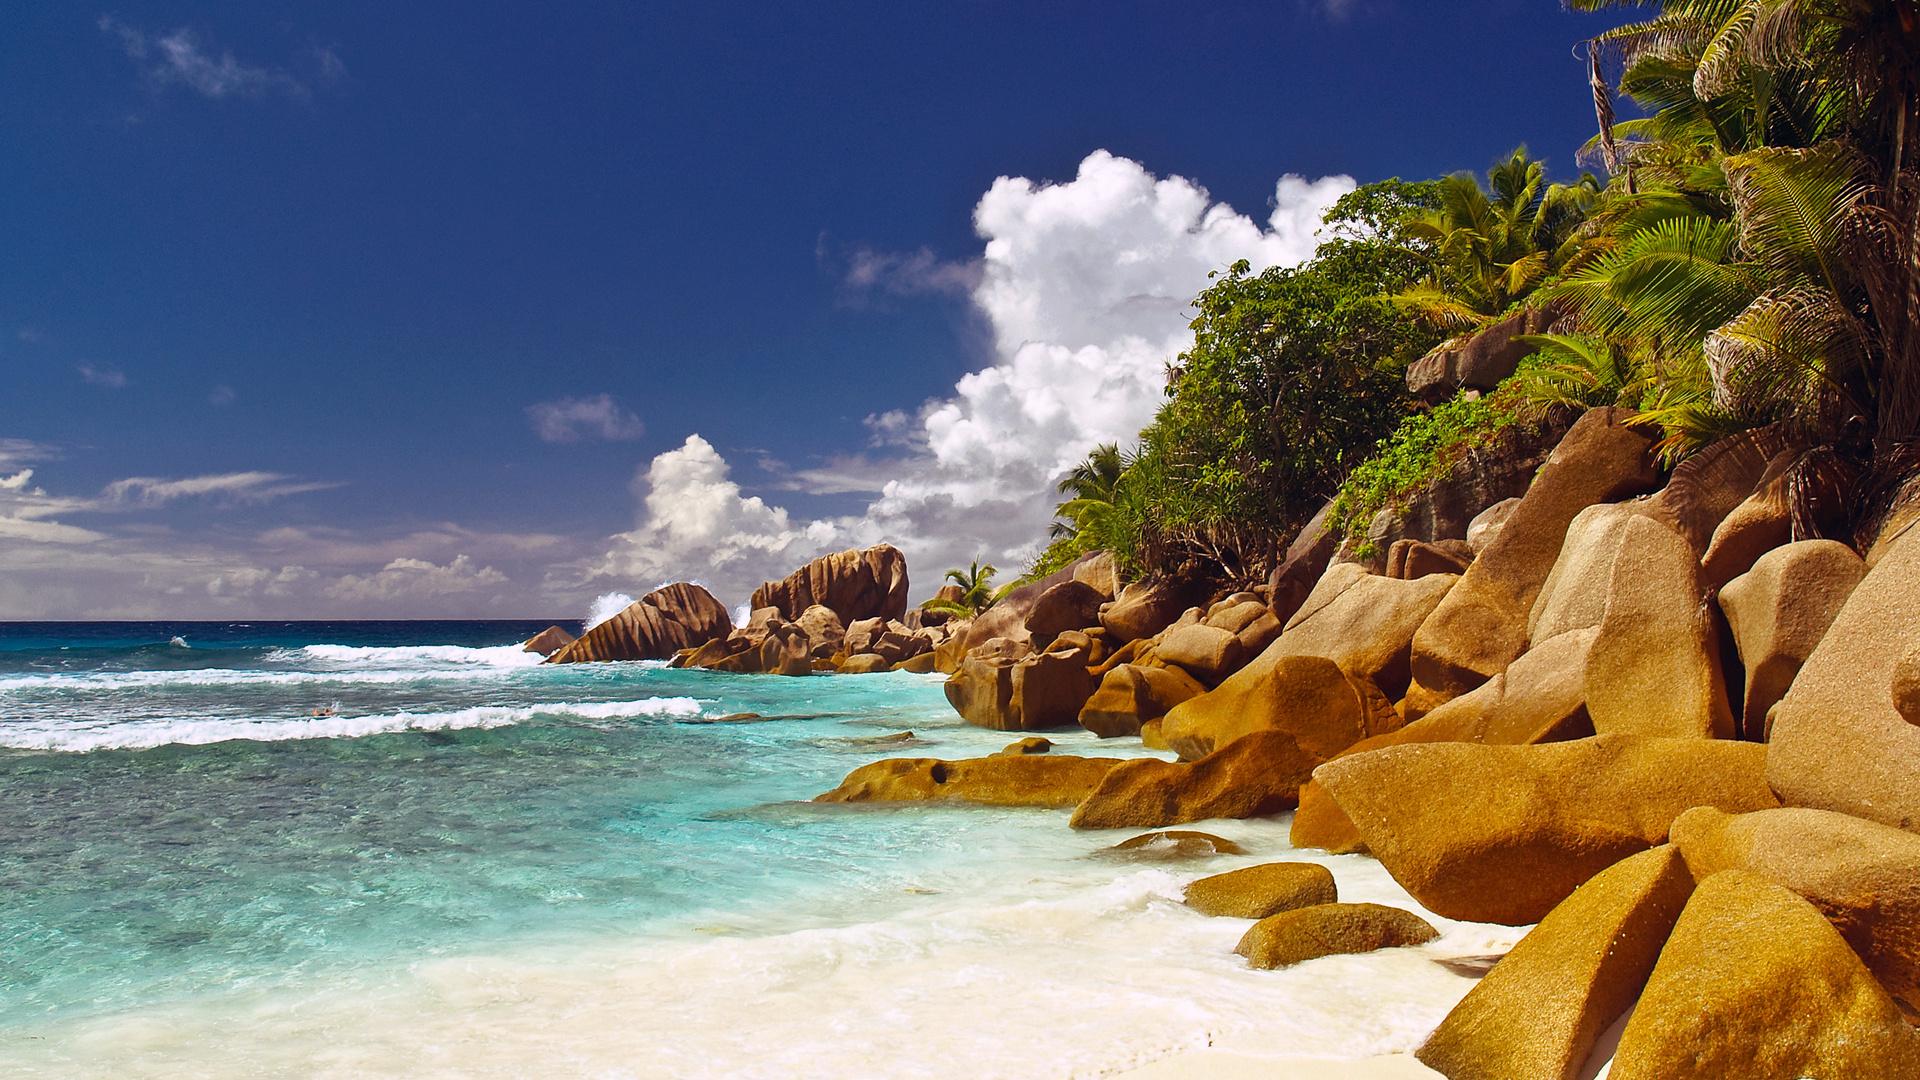 природа море остров деревья скачать